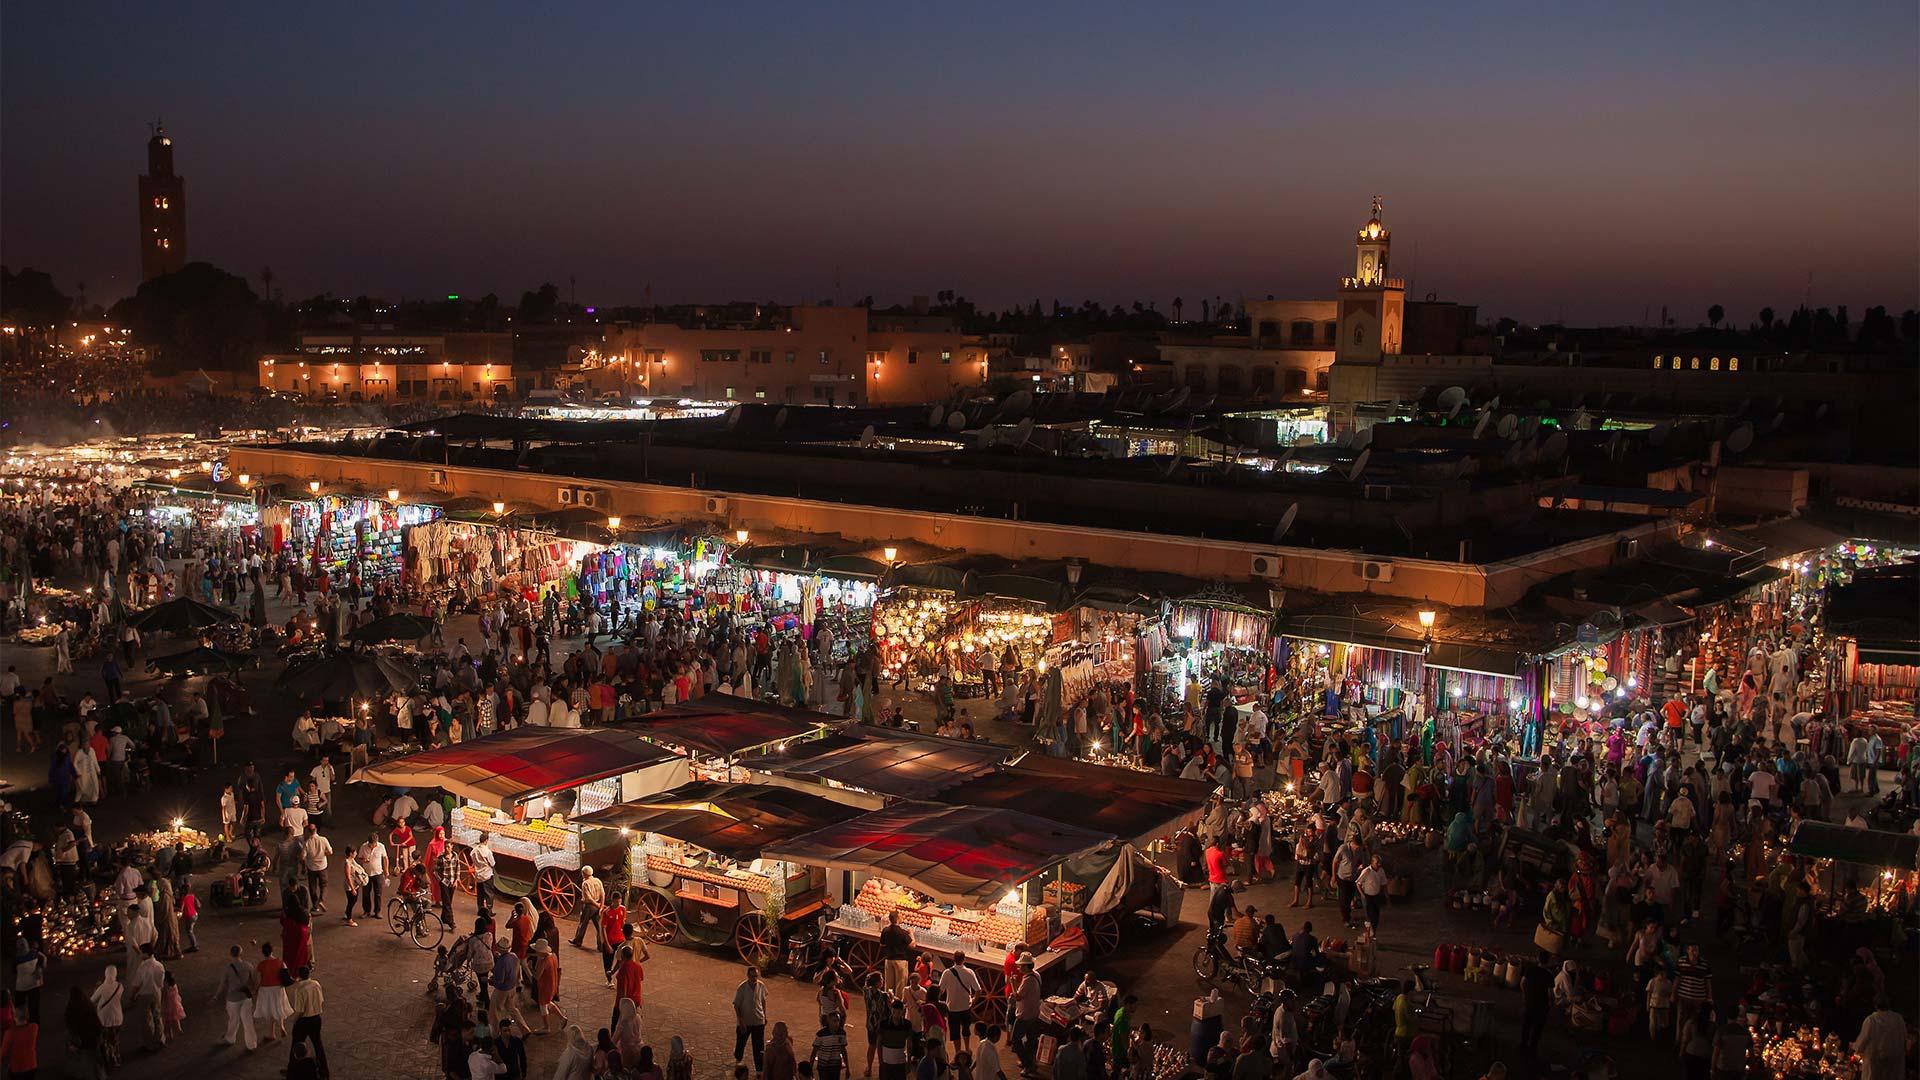 Noche en Marrakech, Jemaa el Fna